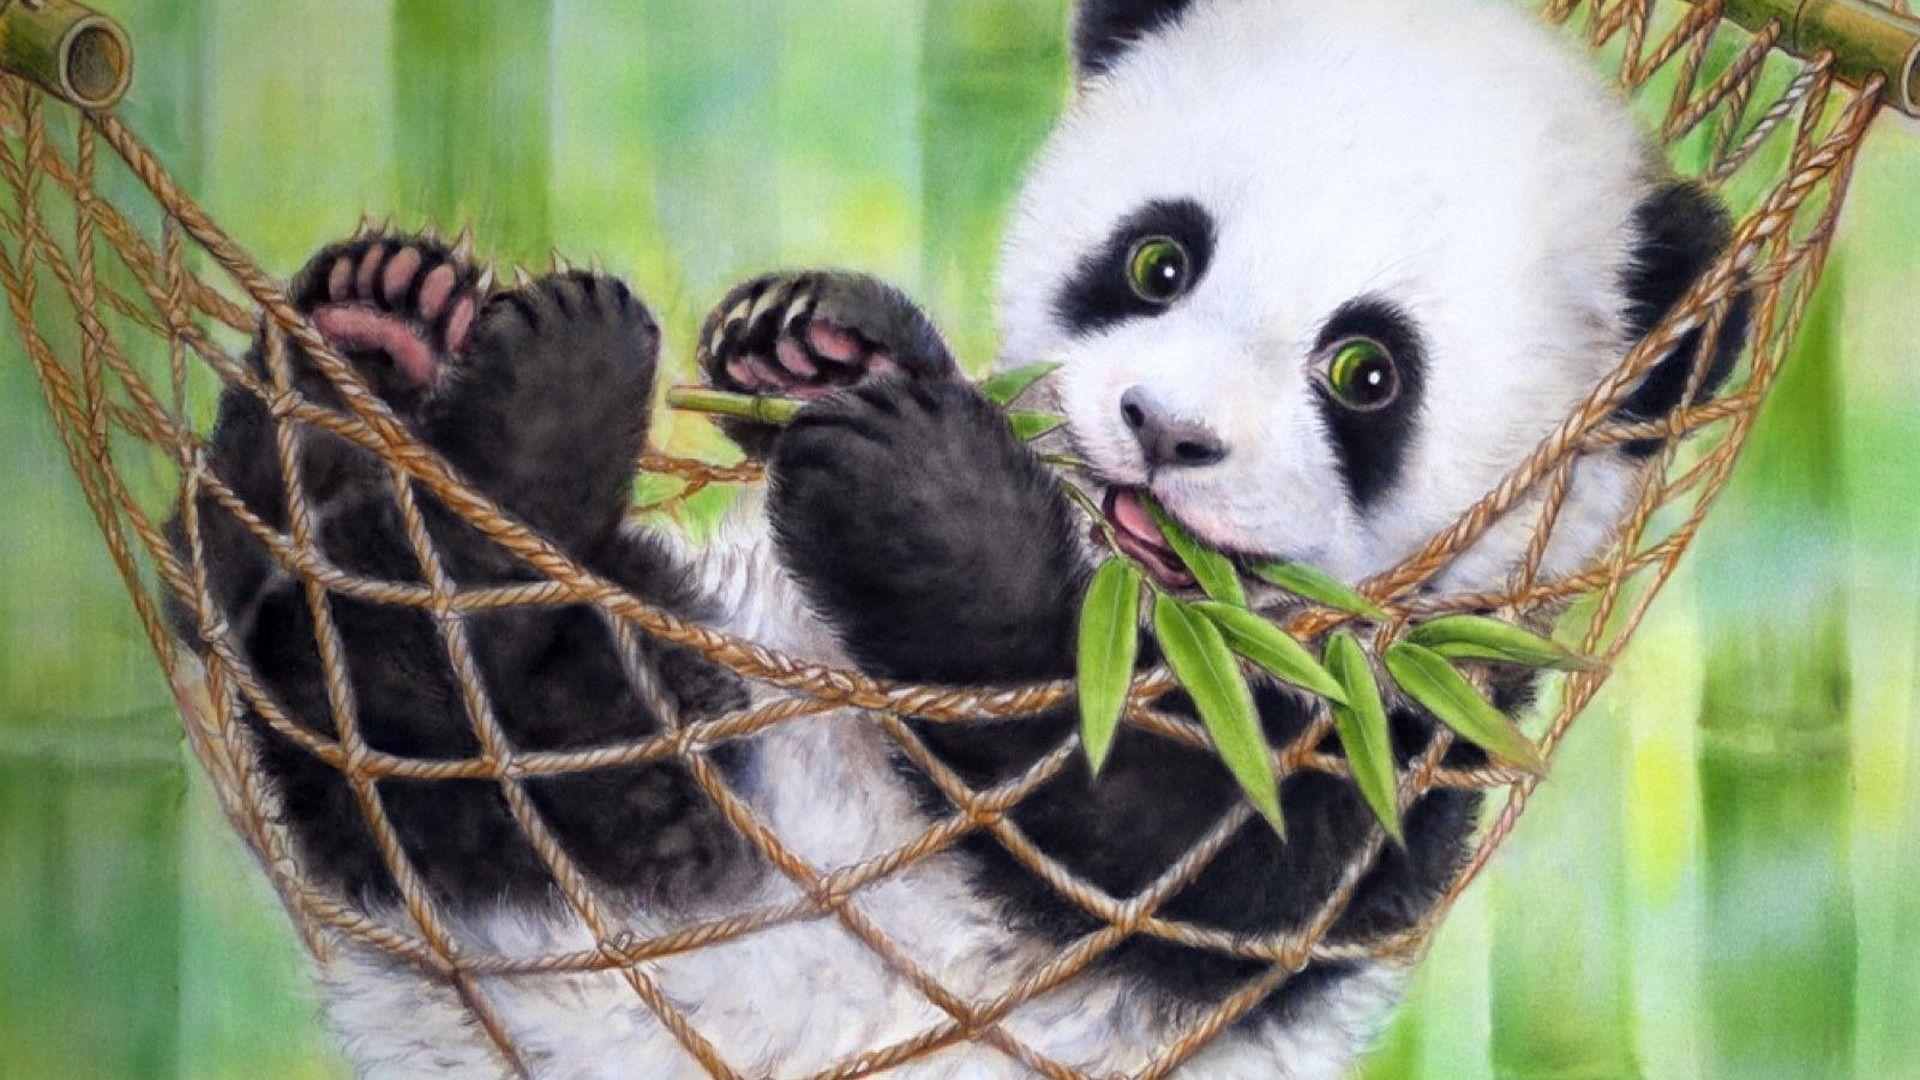 Cute Baby Panda Pics: Cute Baby Pandas Wallpapers